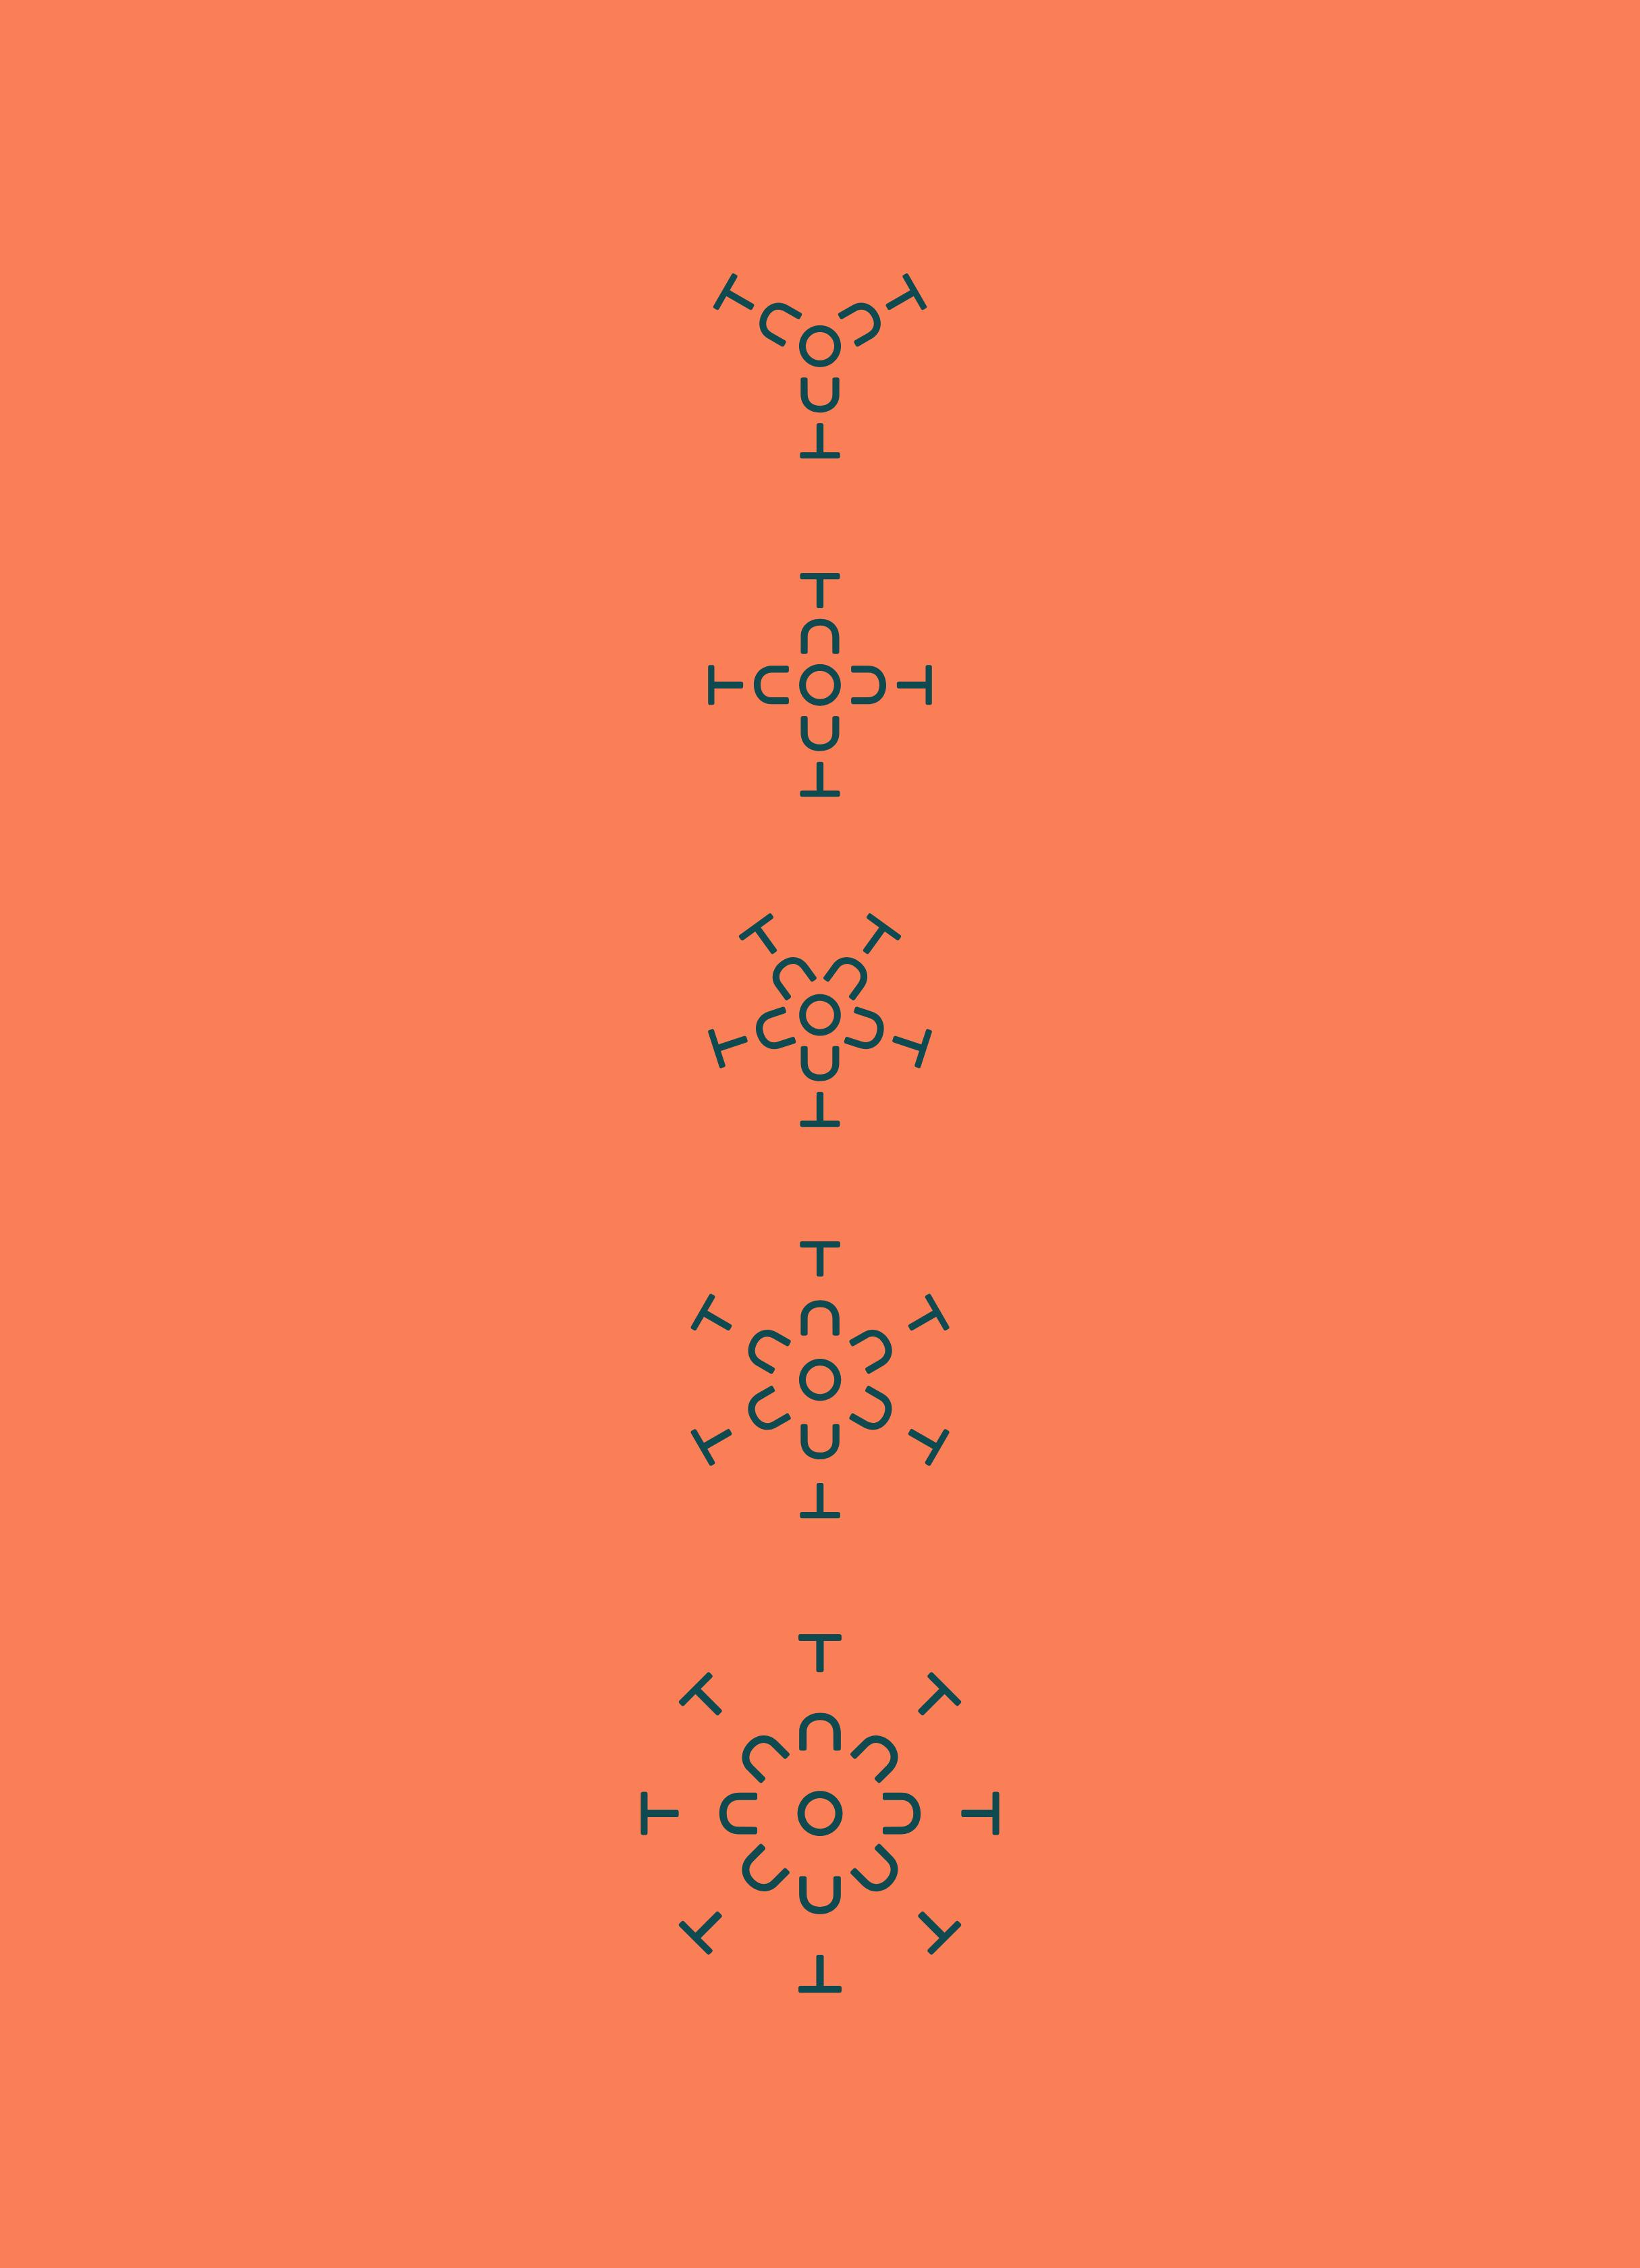 Outpour_icons_portrait_new@3x